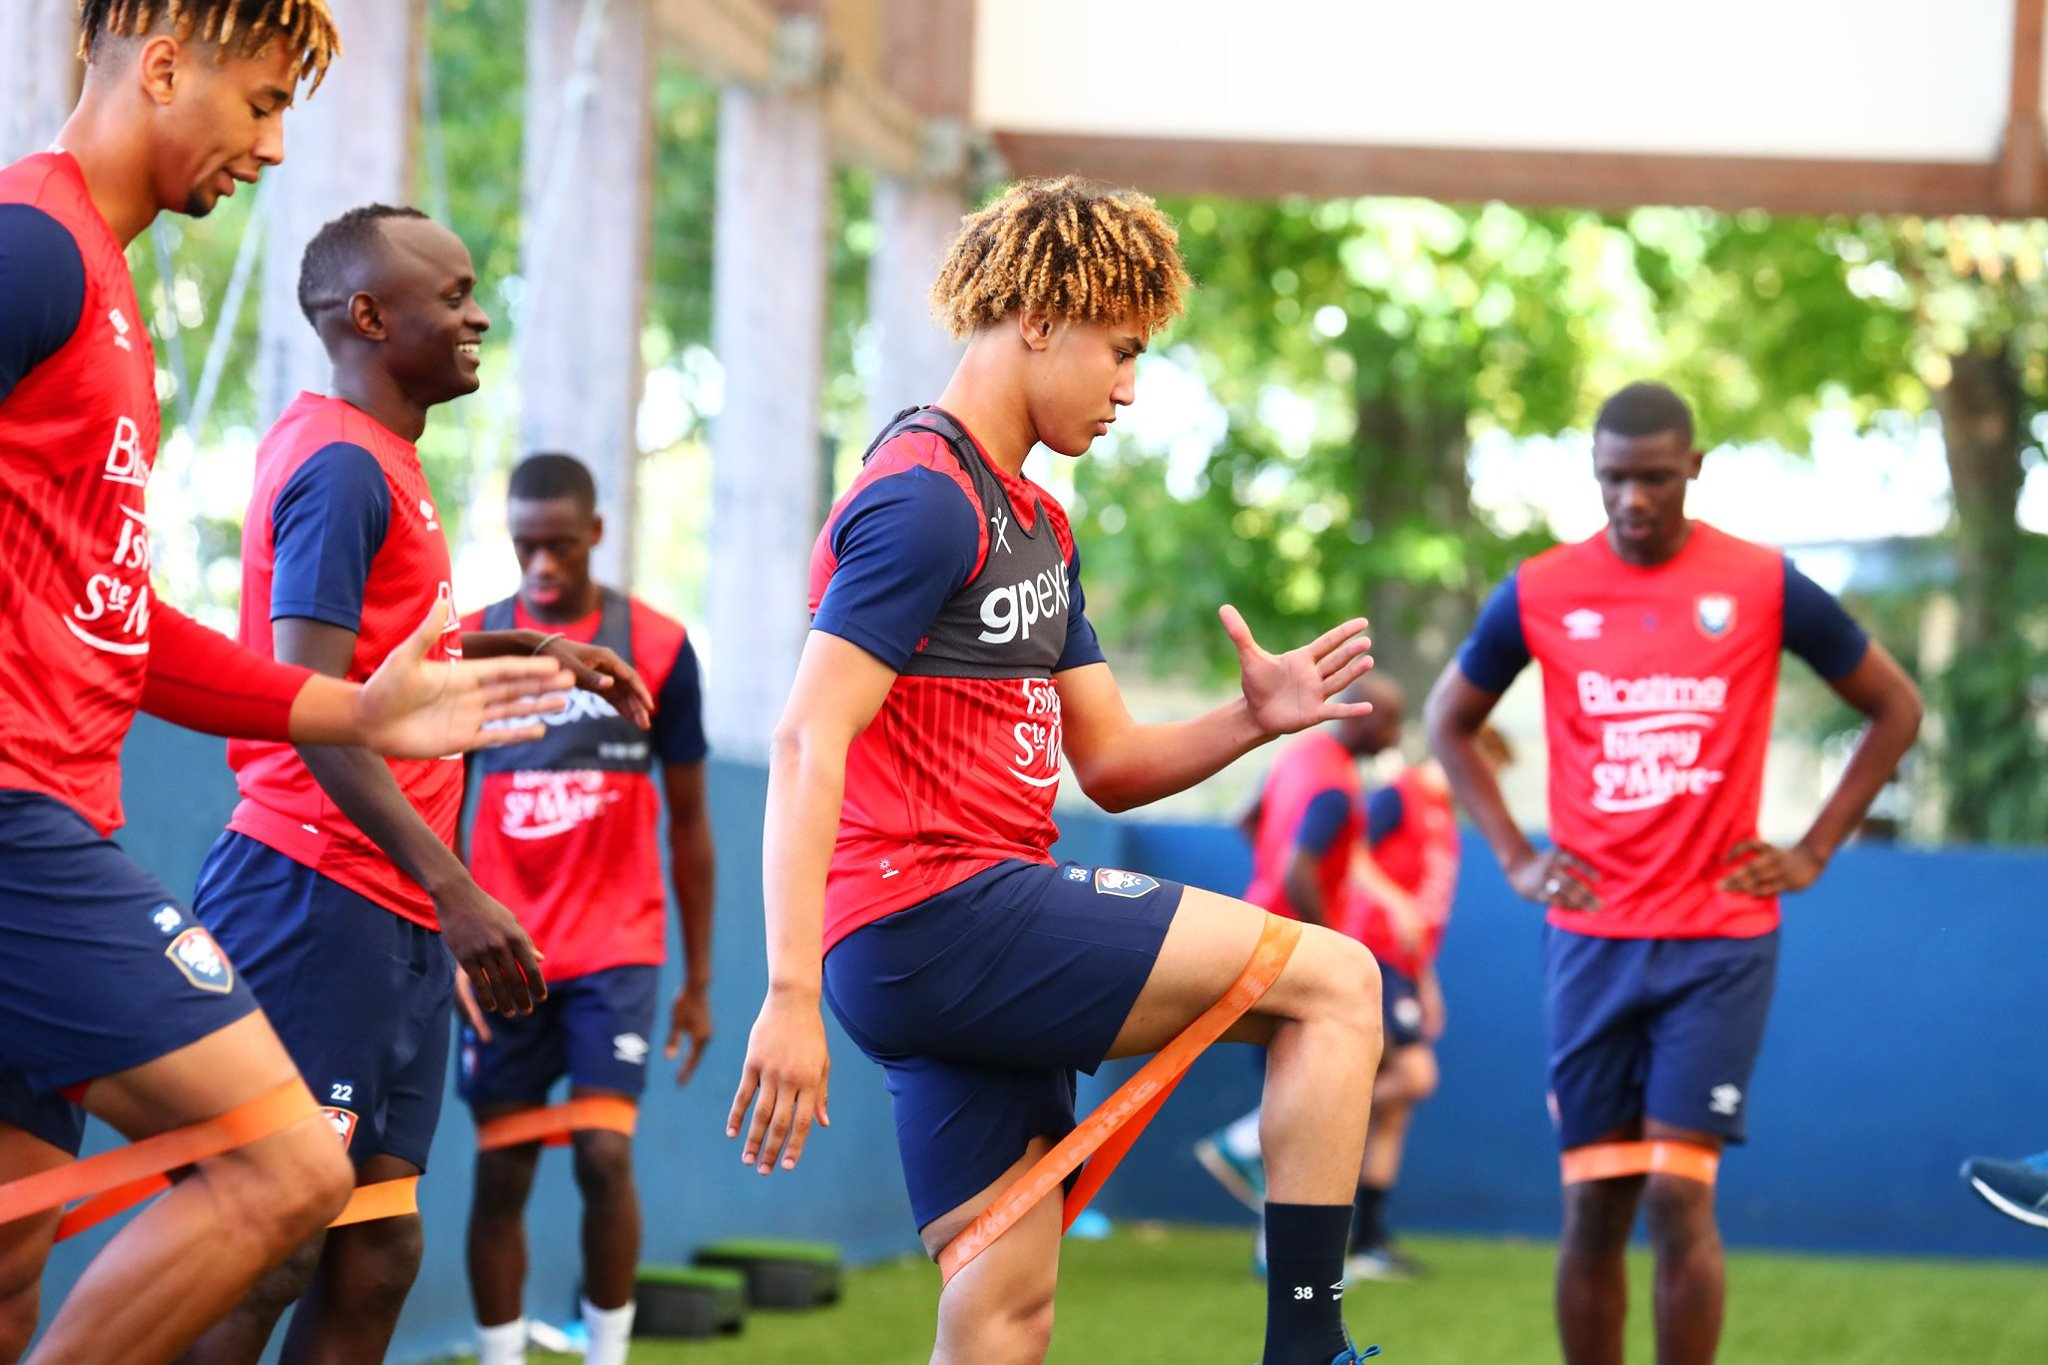 3 لاعبين مغاربة في تربص كون الفرنسي